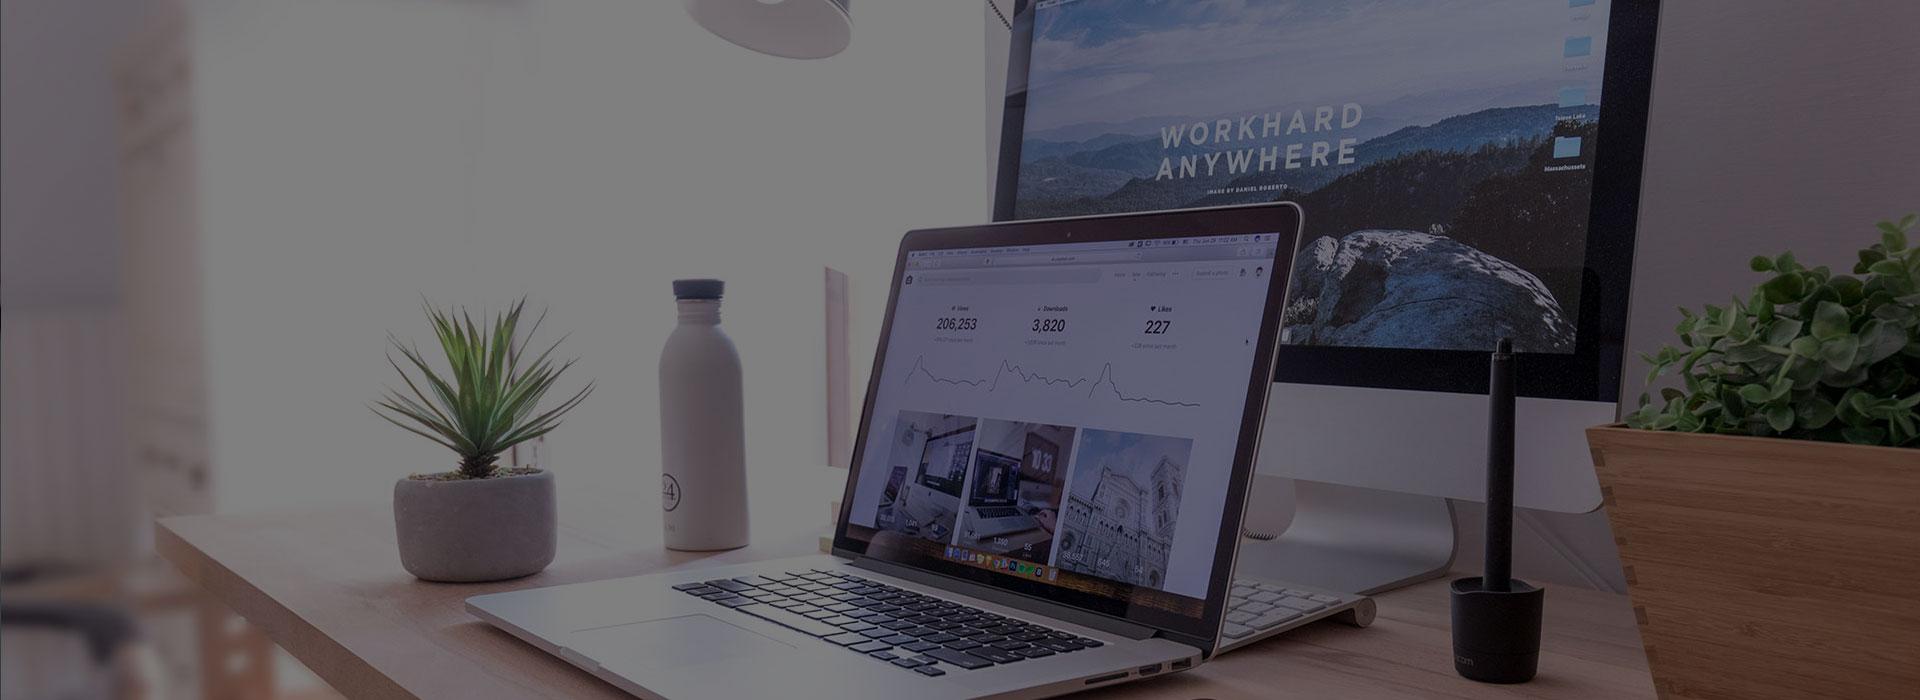 什么是响应式布局网站设计?